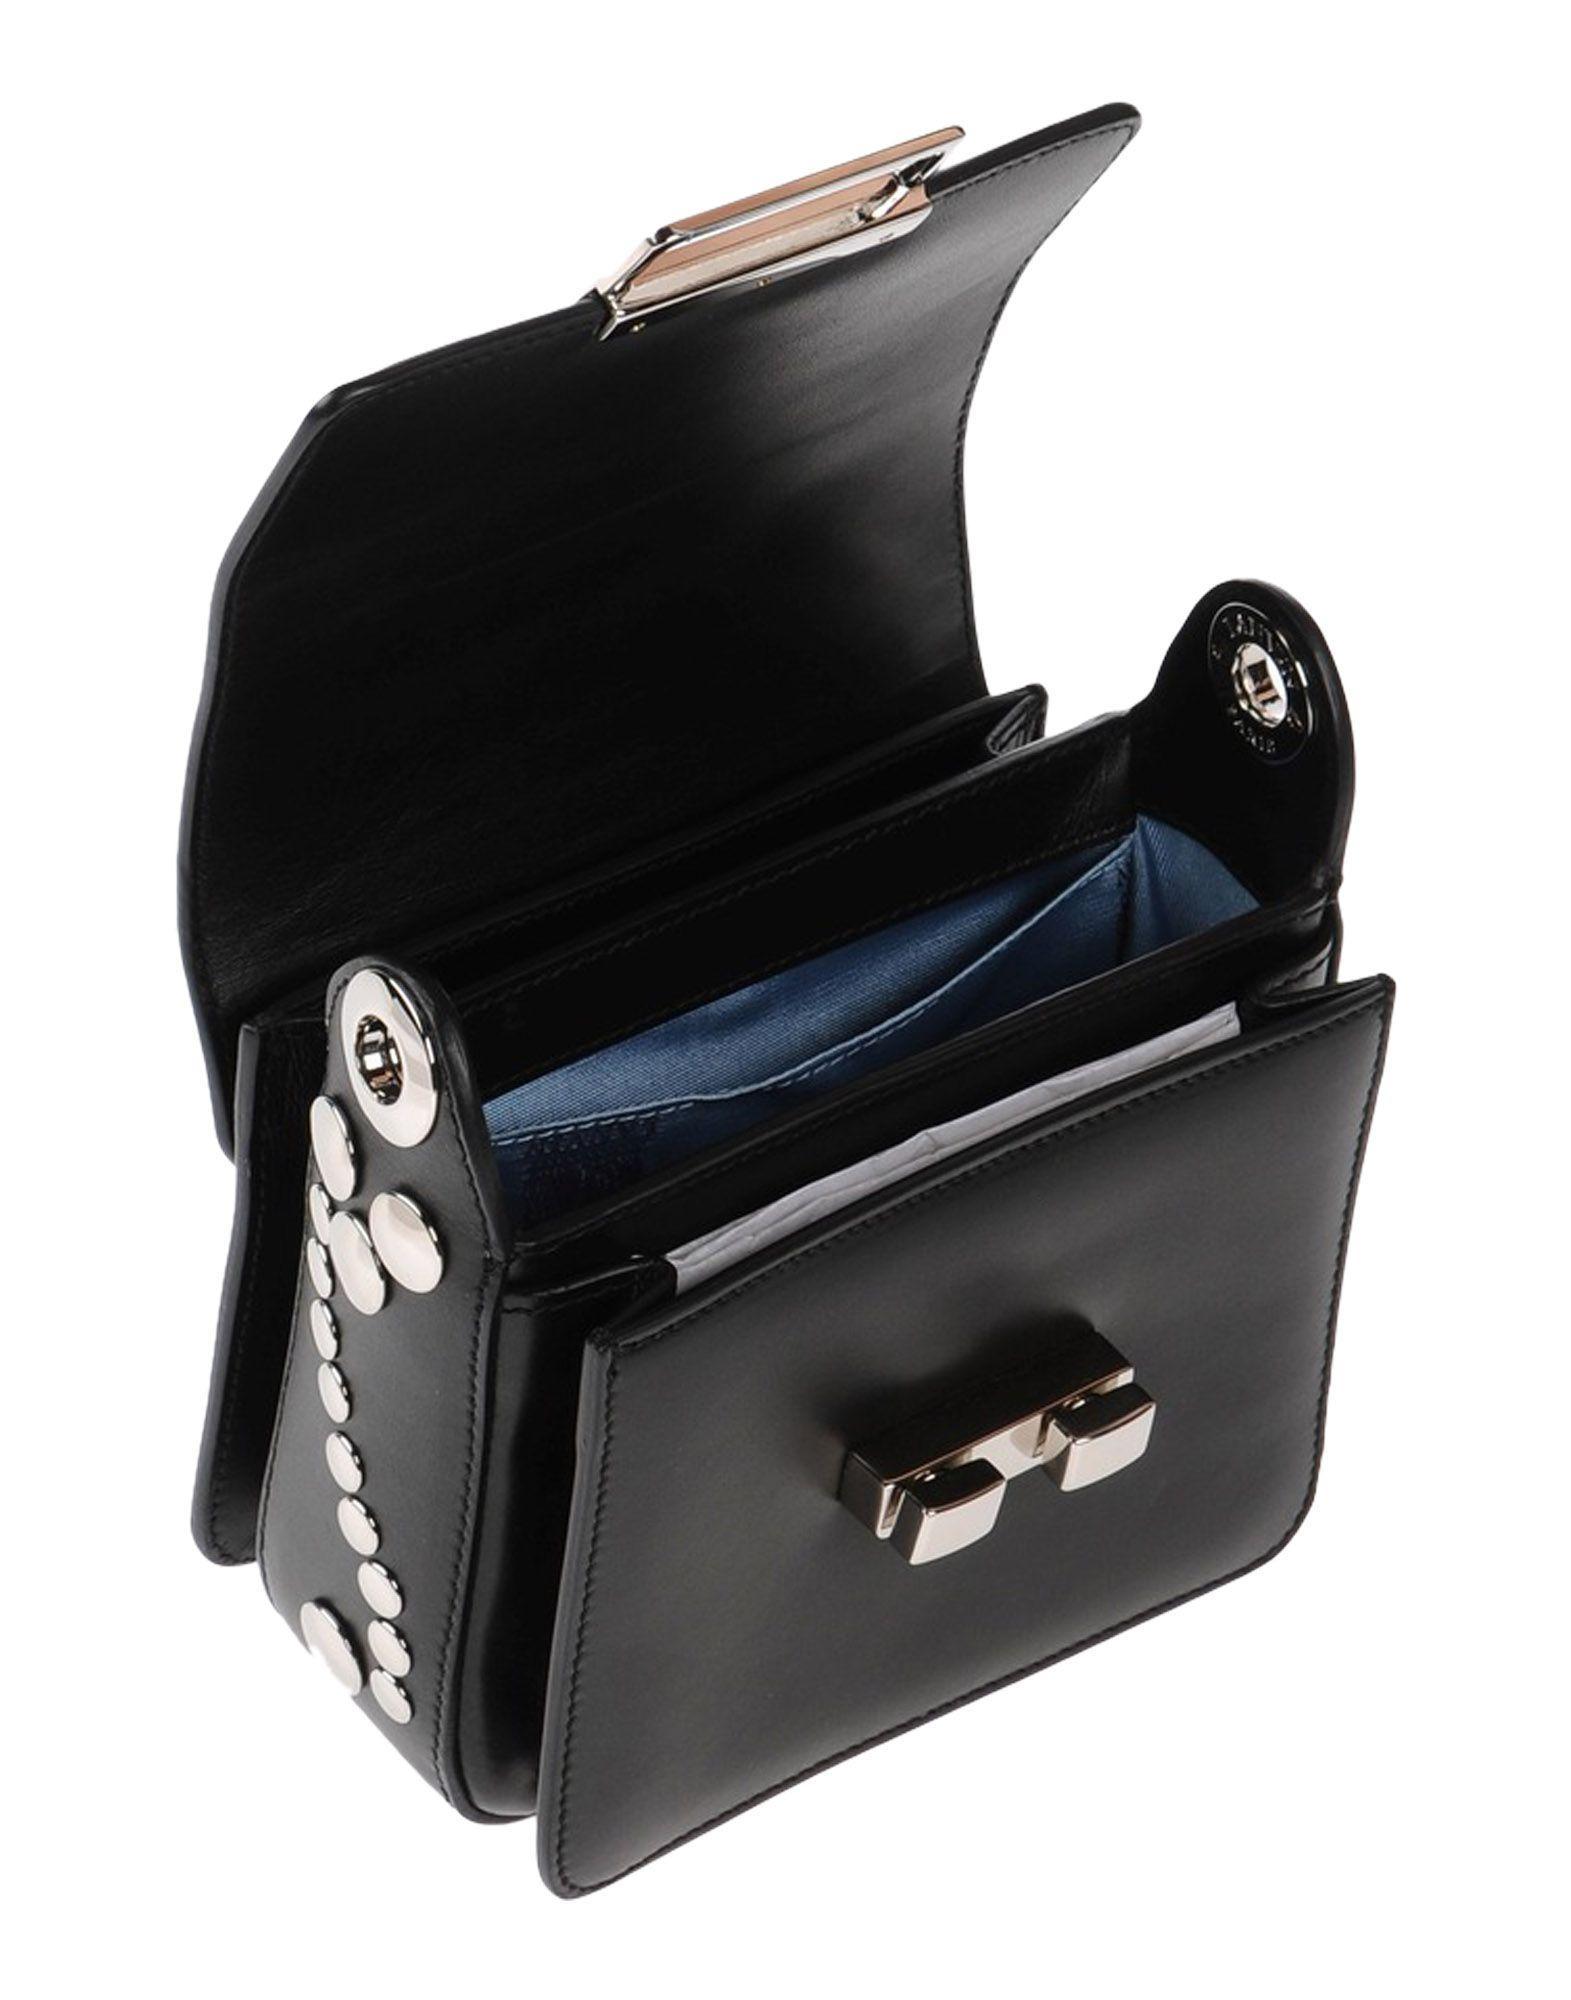 Lanvin Leather Cross-body Bag in Black